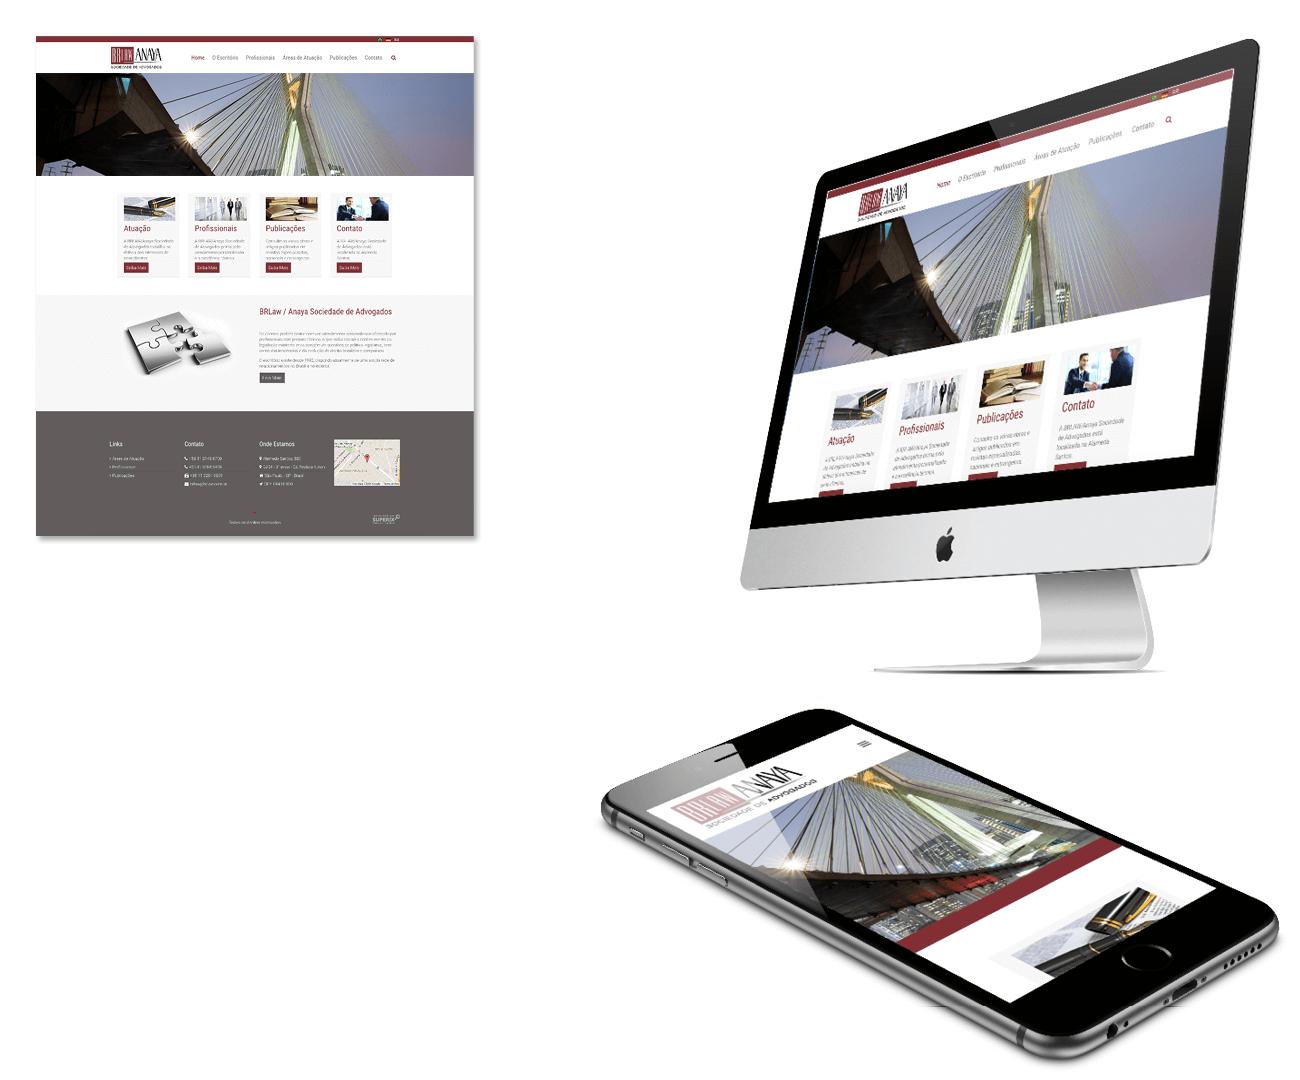 layout responsivo do site brlaw escritório de advocacia